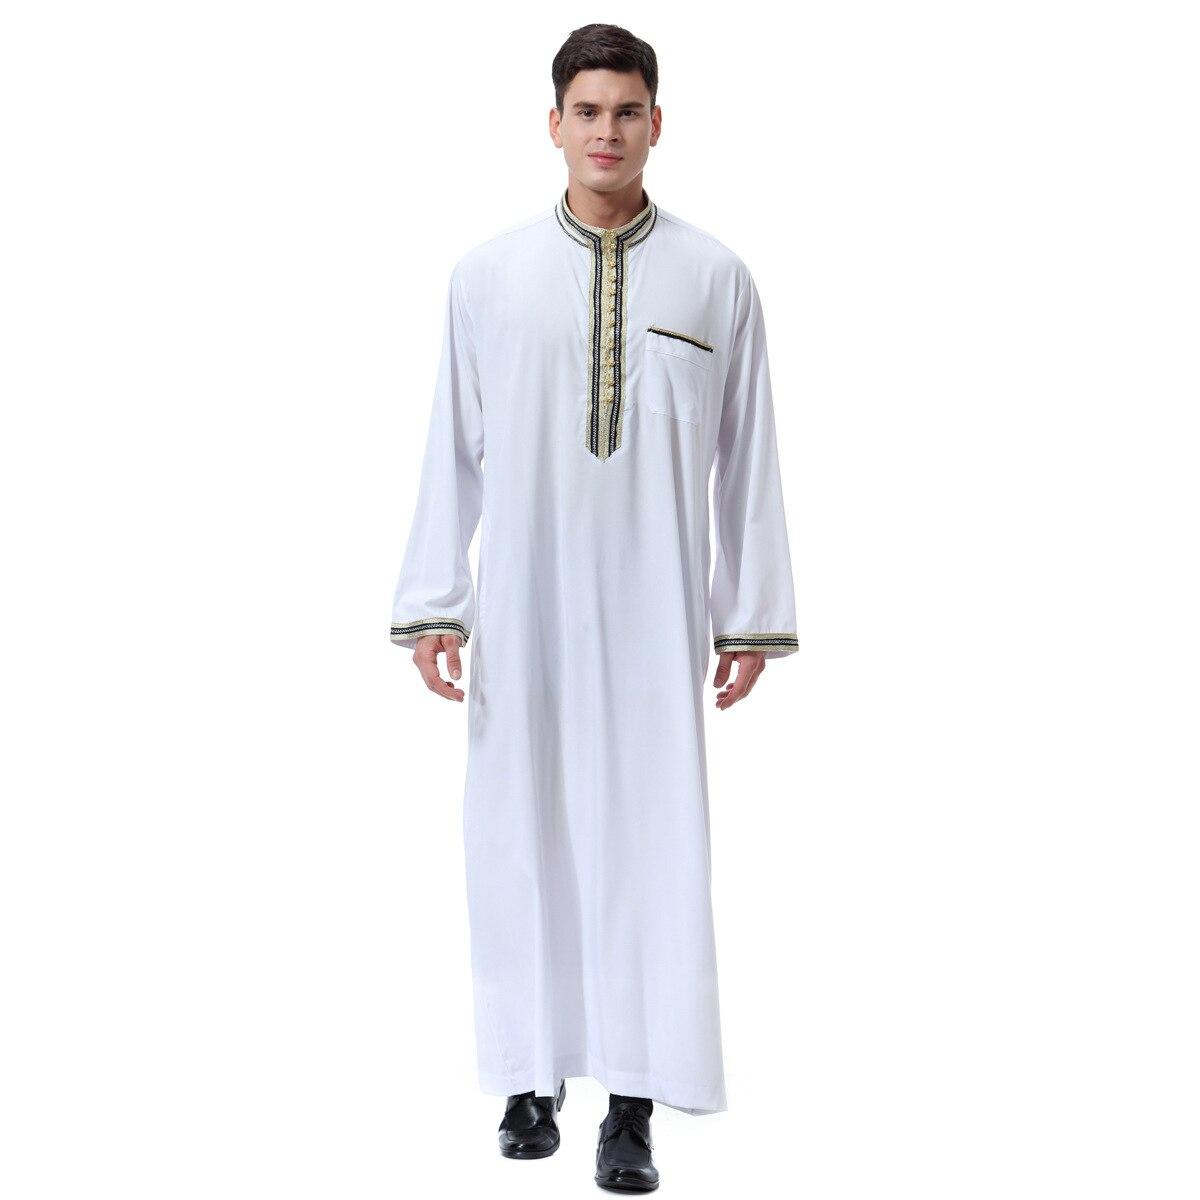 Moroccan kaftan Men Muslim Dres Abaya Set Formal Dress